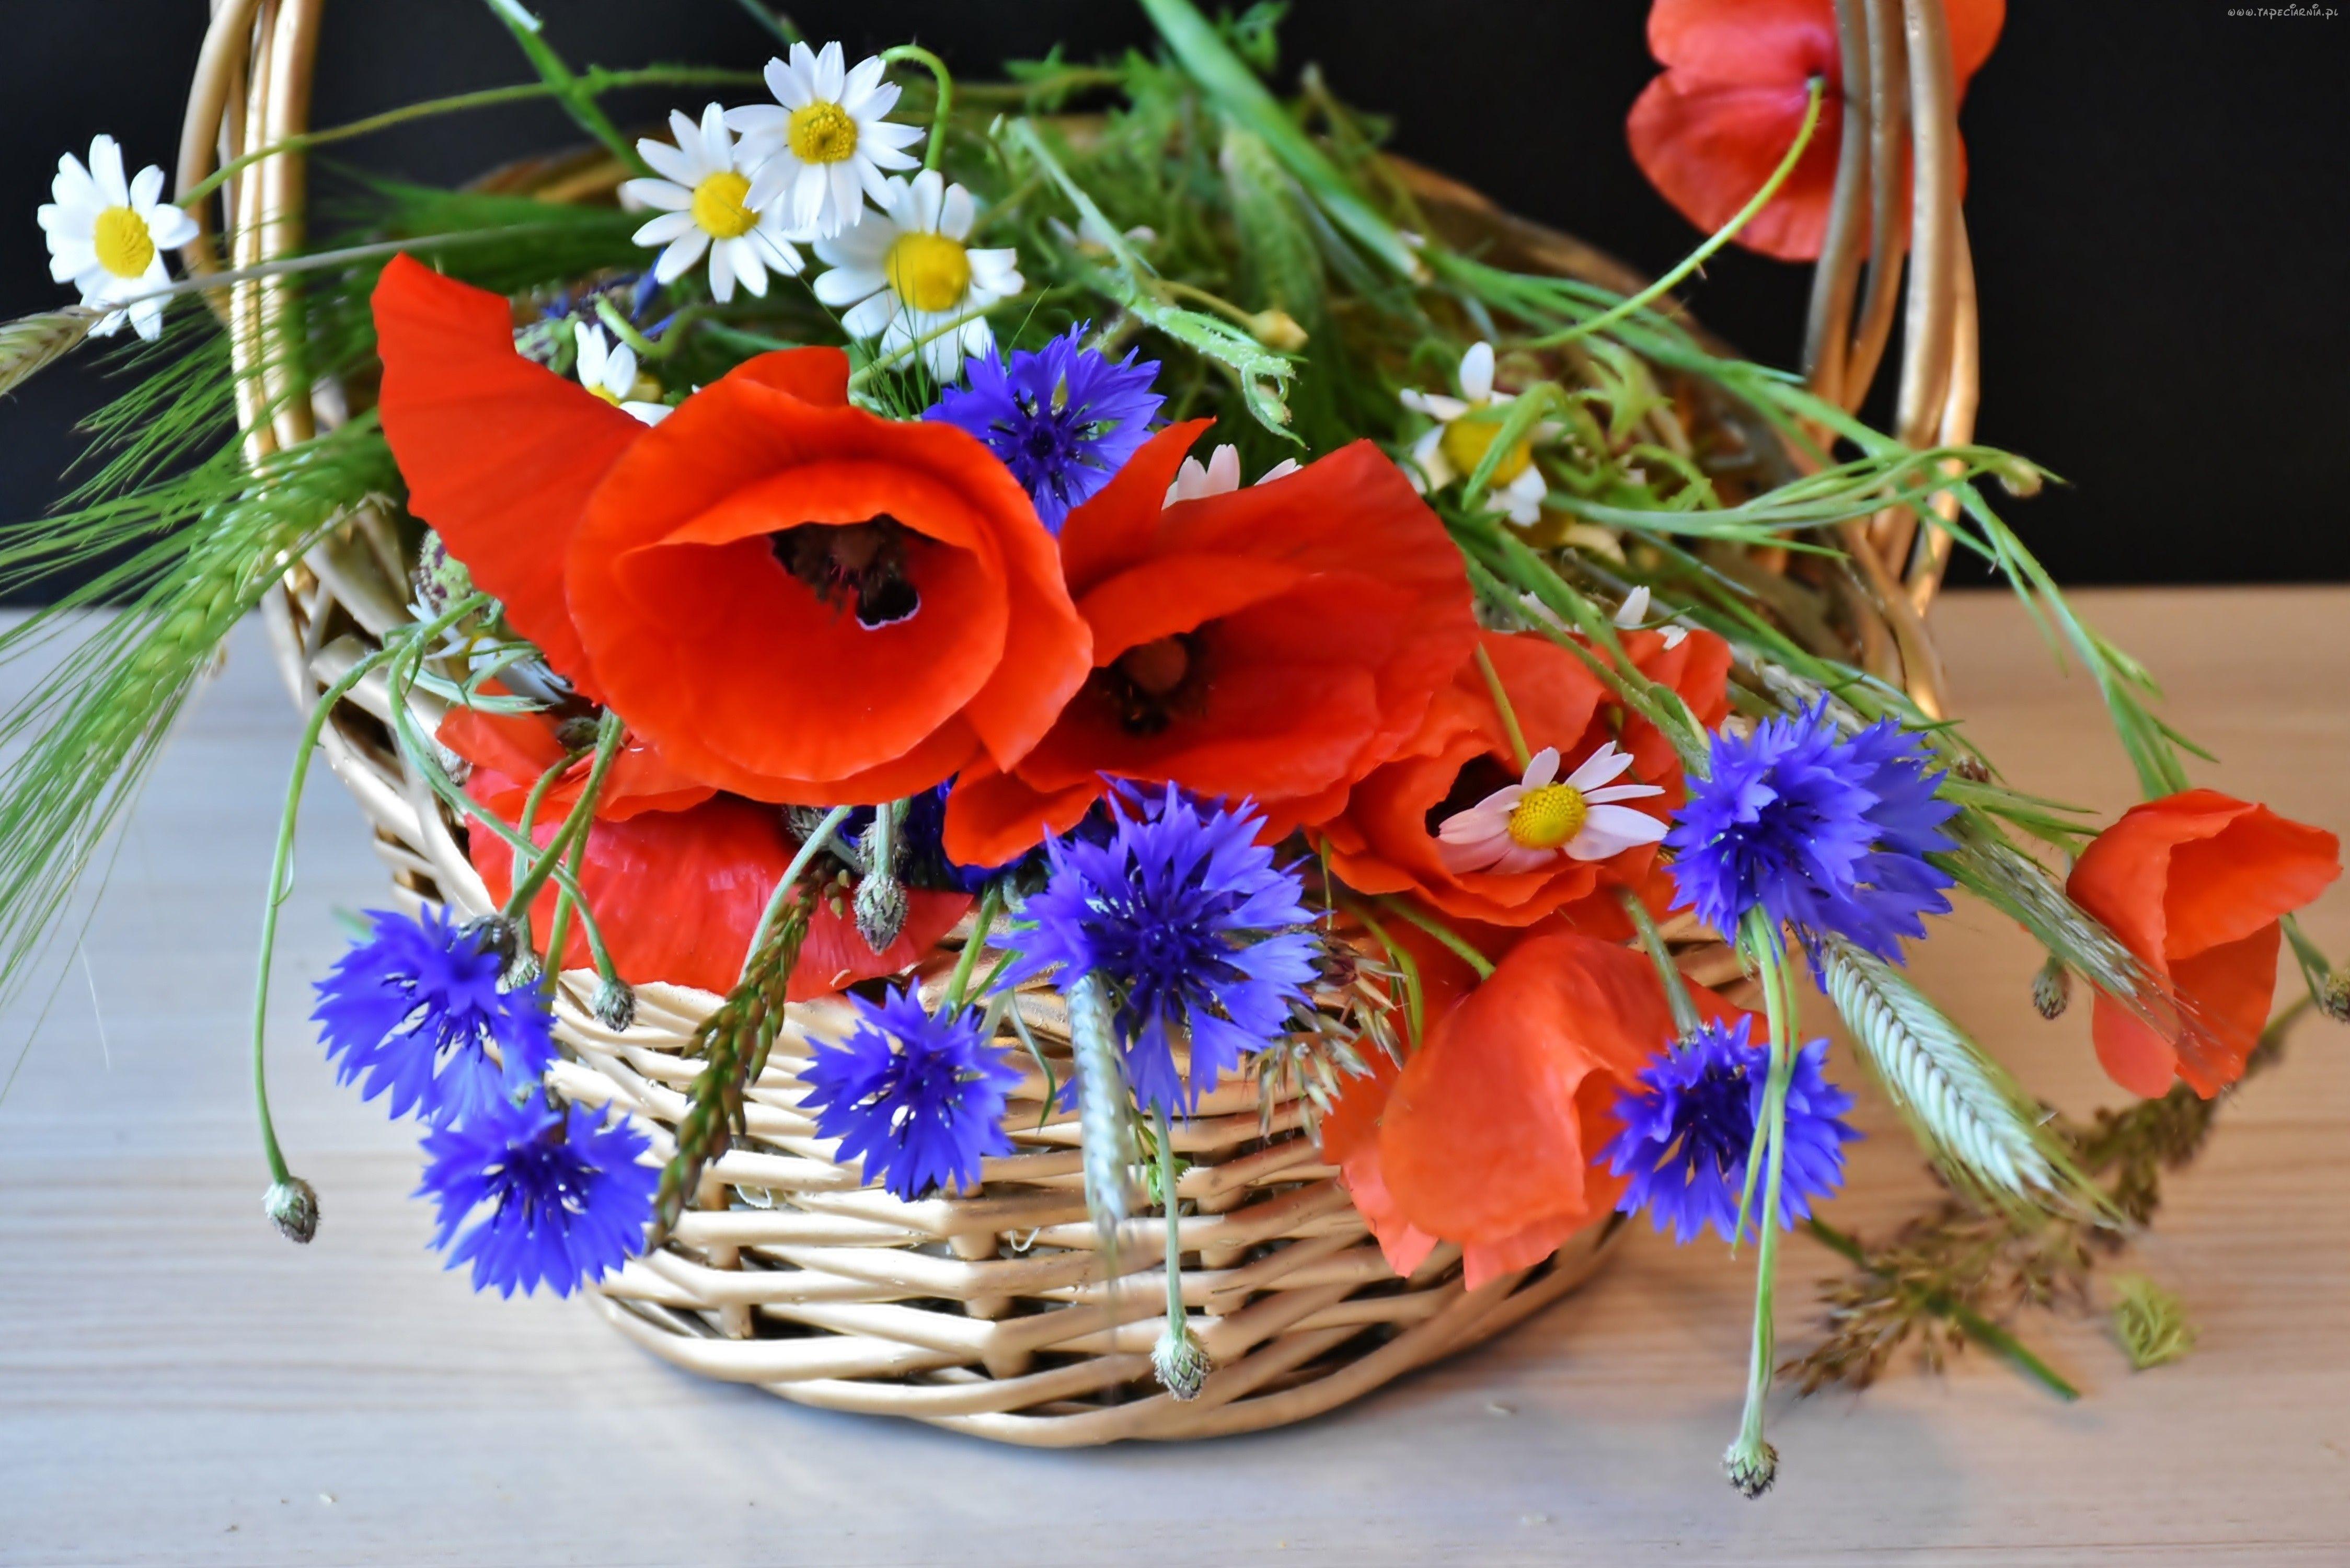 Bukiet Polnych Kwiatow Maki Chabry Rumianki Koszyk Dekoracja Poppy Bouquet Poppy Flower Flower Images Free